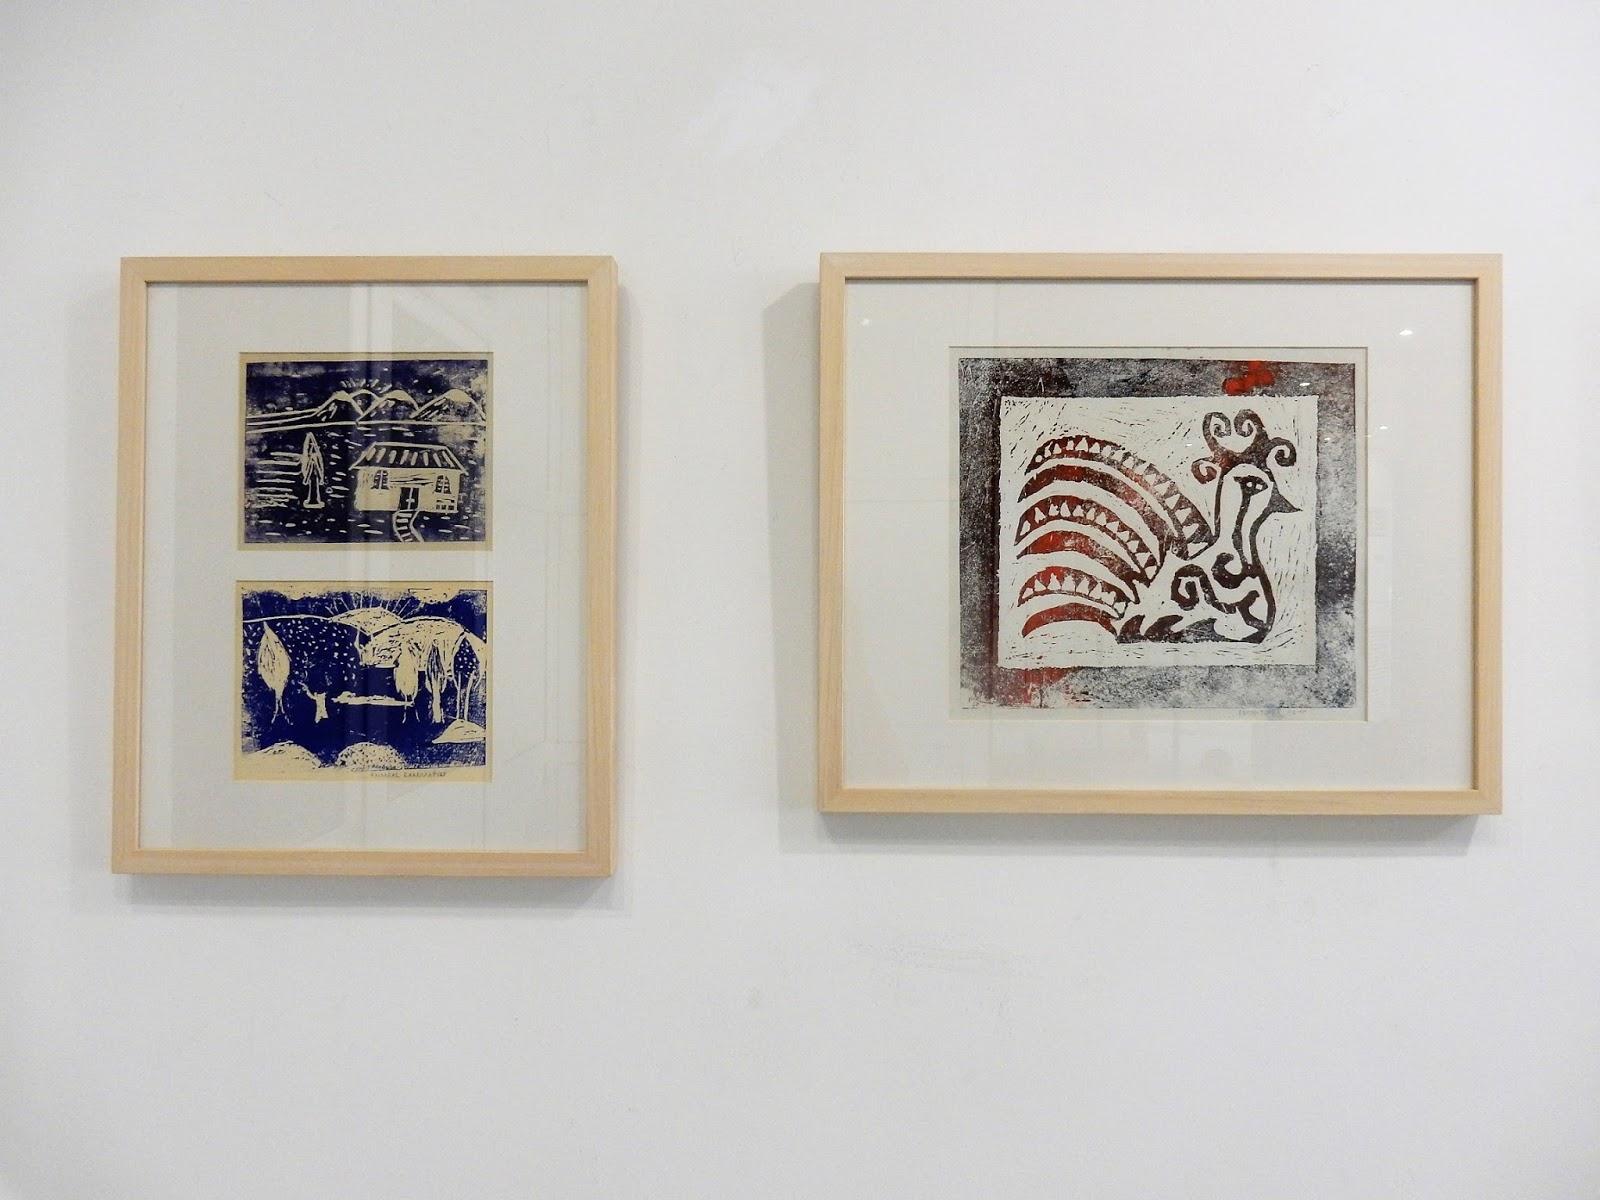 Έκθεση από τη συλλογή του Ελεύθερου Εργαστηρίου της Δημοτικής Πινακοθήκης Λάρισας (ΦΩΤΟ)